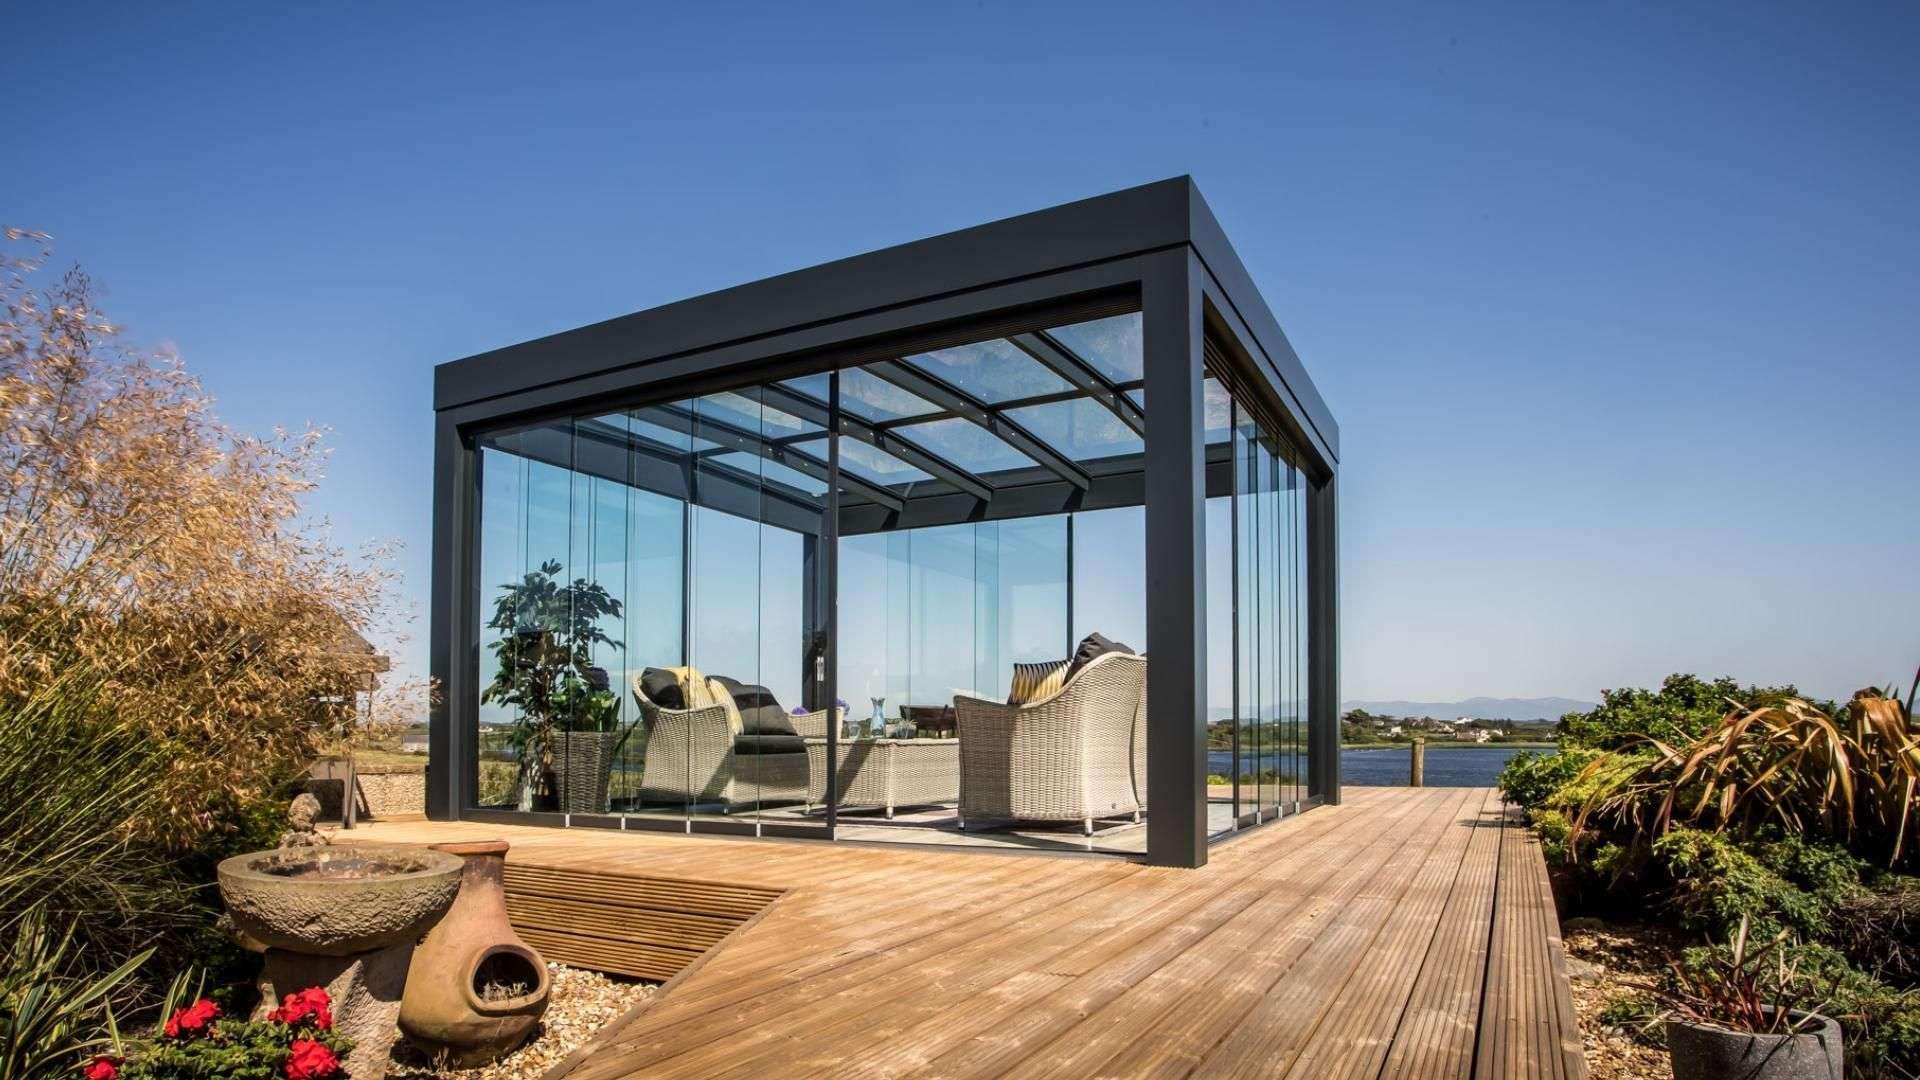 Freistehendes SDL Acubis Terrassendach von Solarlux auf einer Holz-Terrasse am Wasser